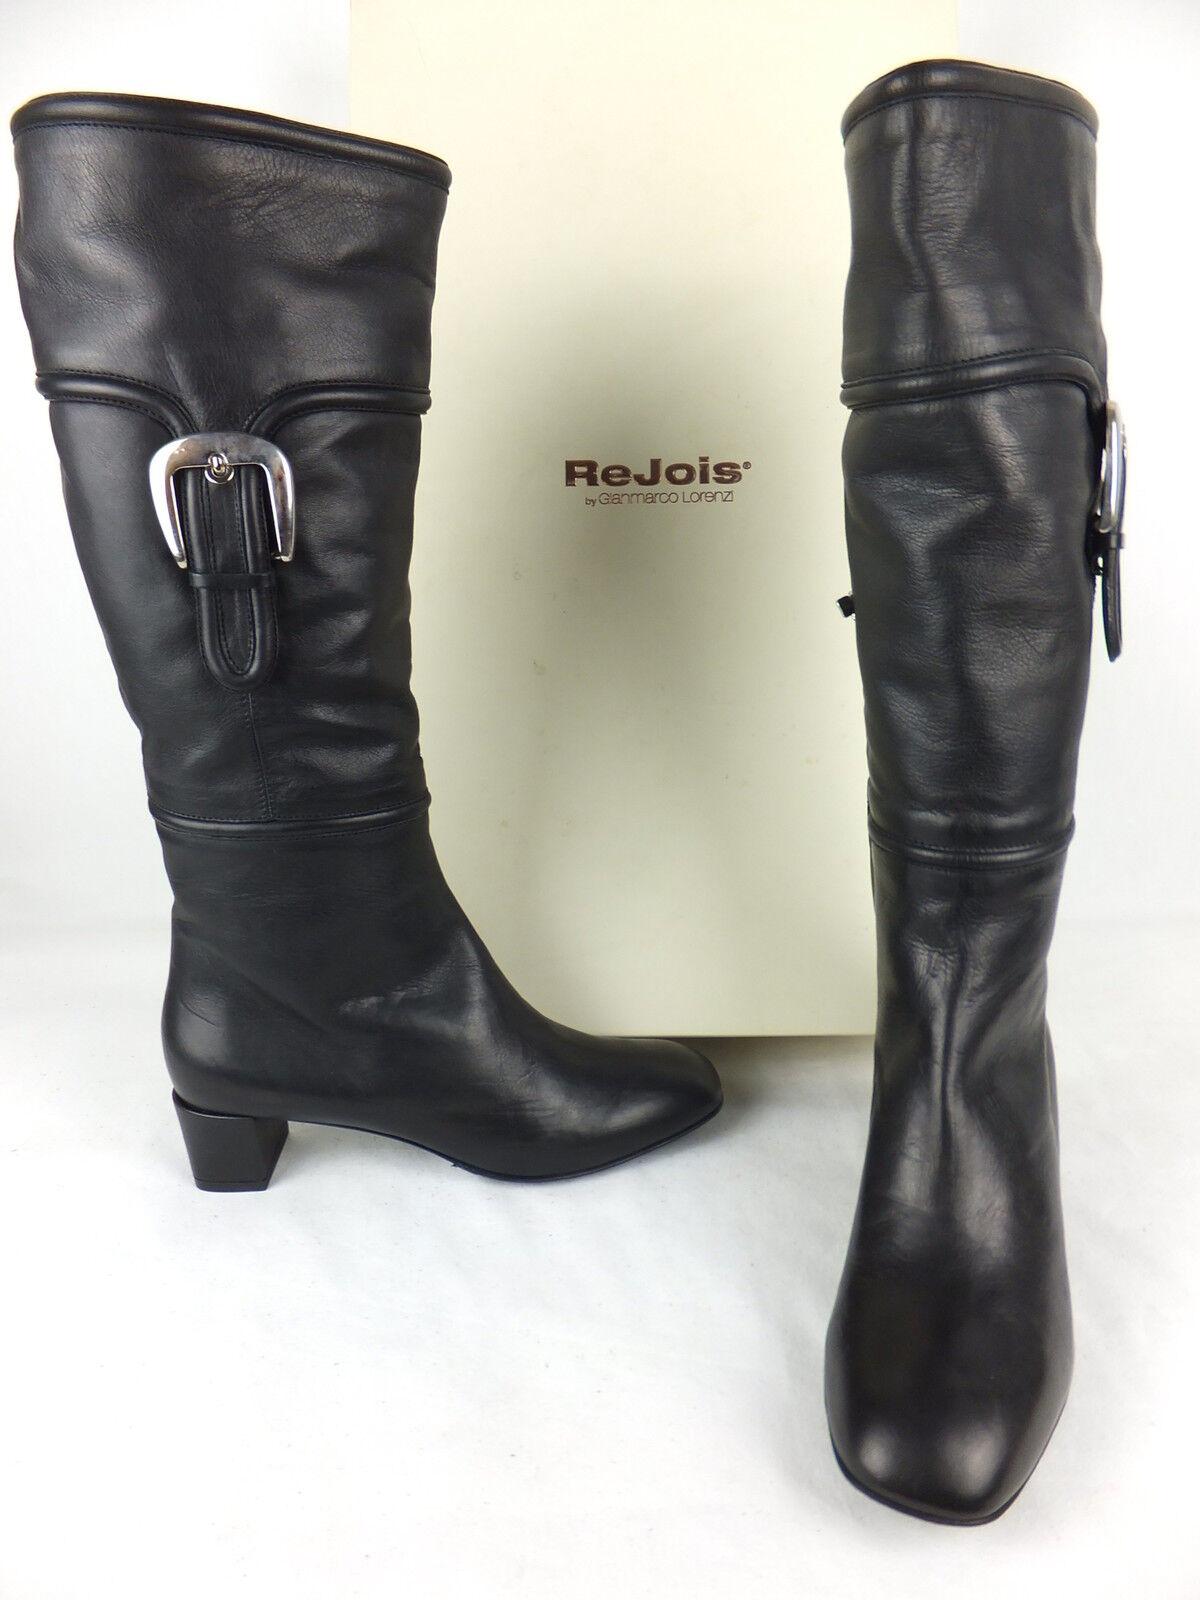 Grandes zapatos con descuento Rejois by Gianmarco Lorenzi Stiefel  - 37 - schwarz  neu m. Karton mit Schnallen